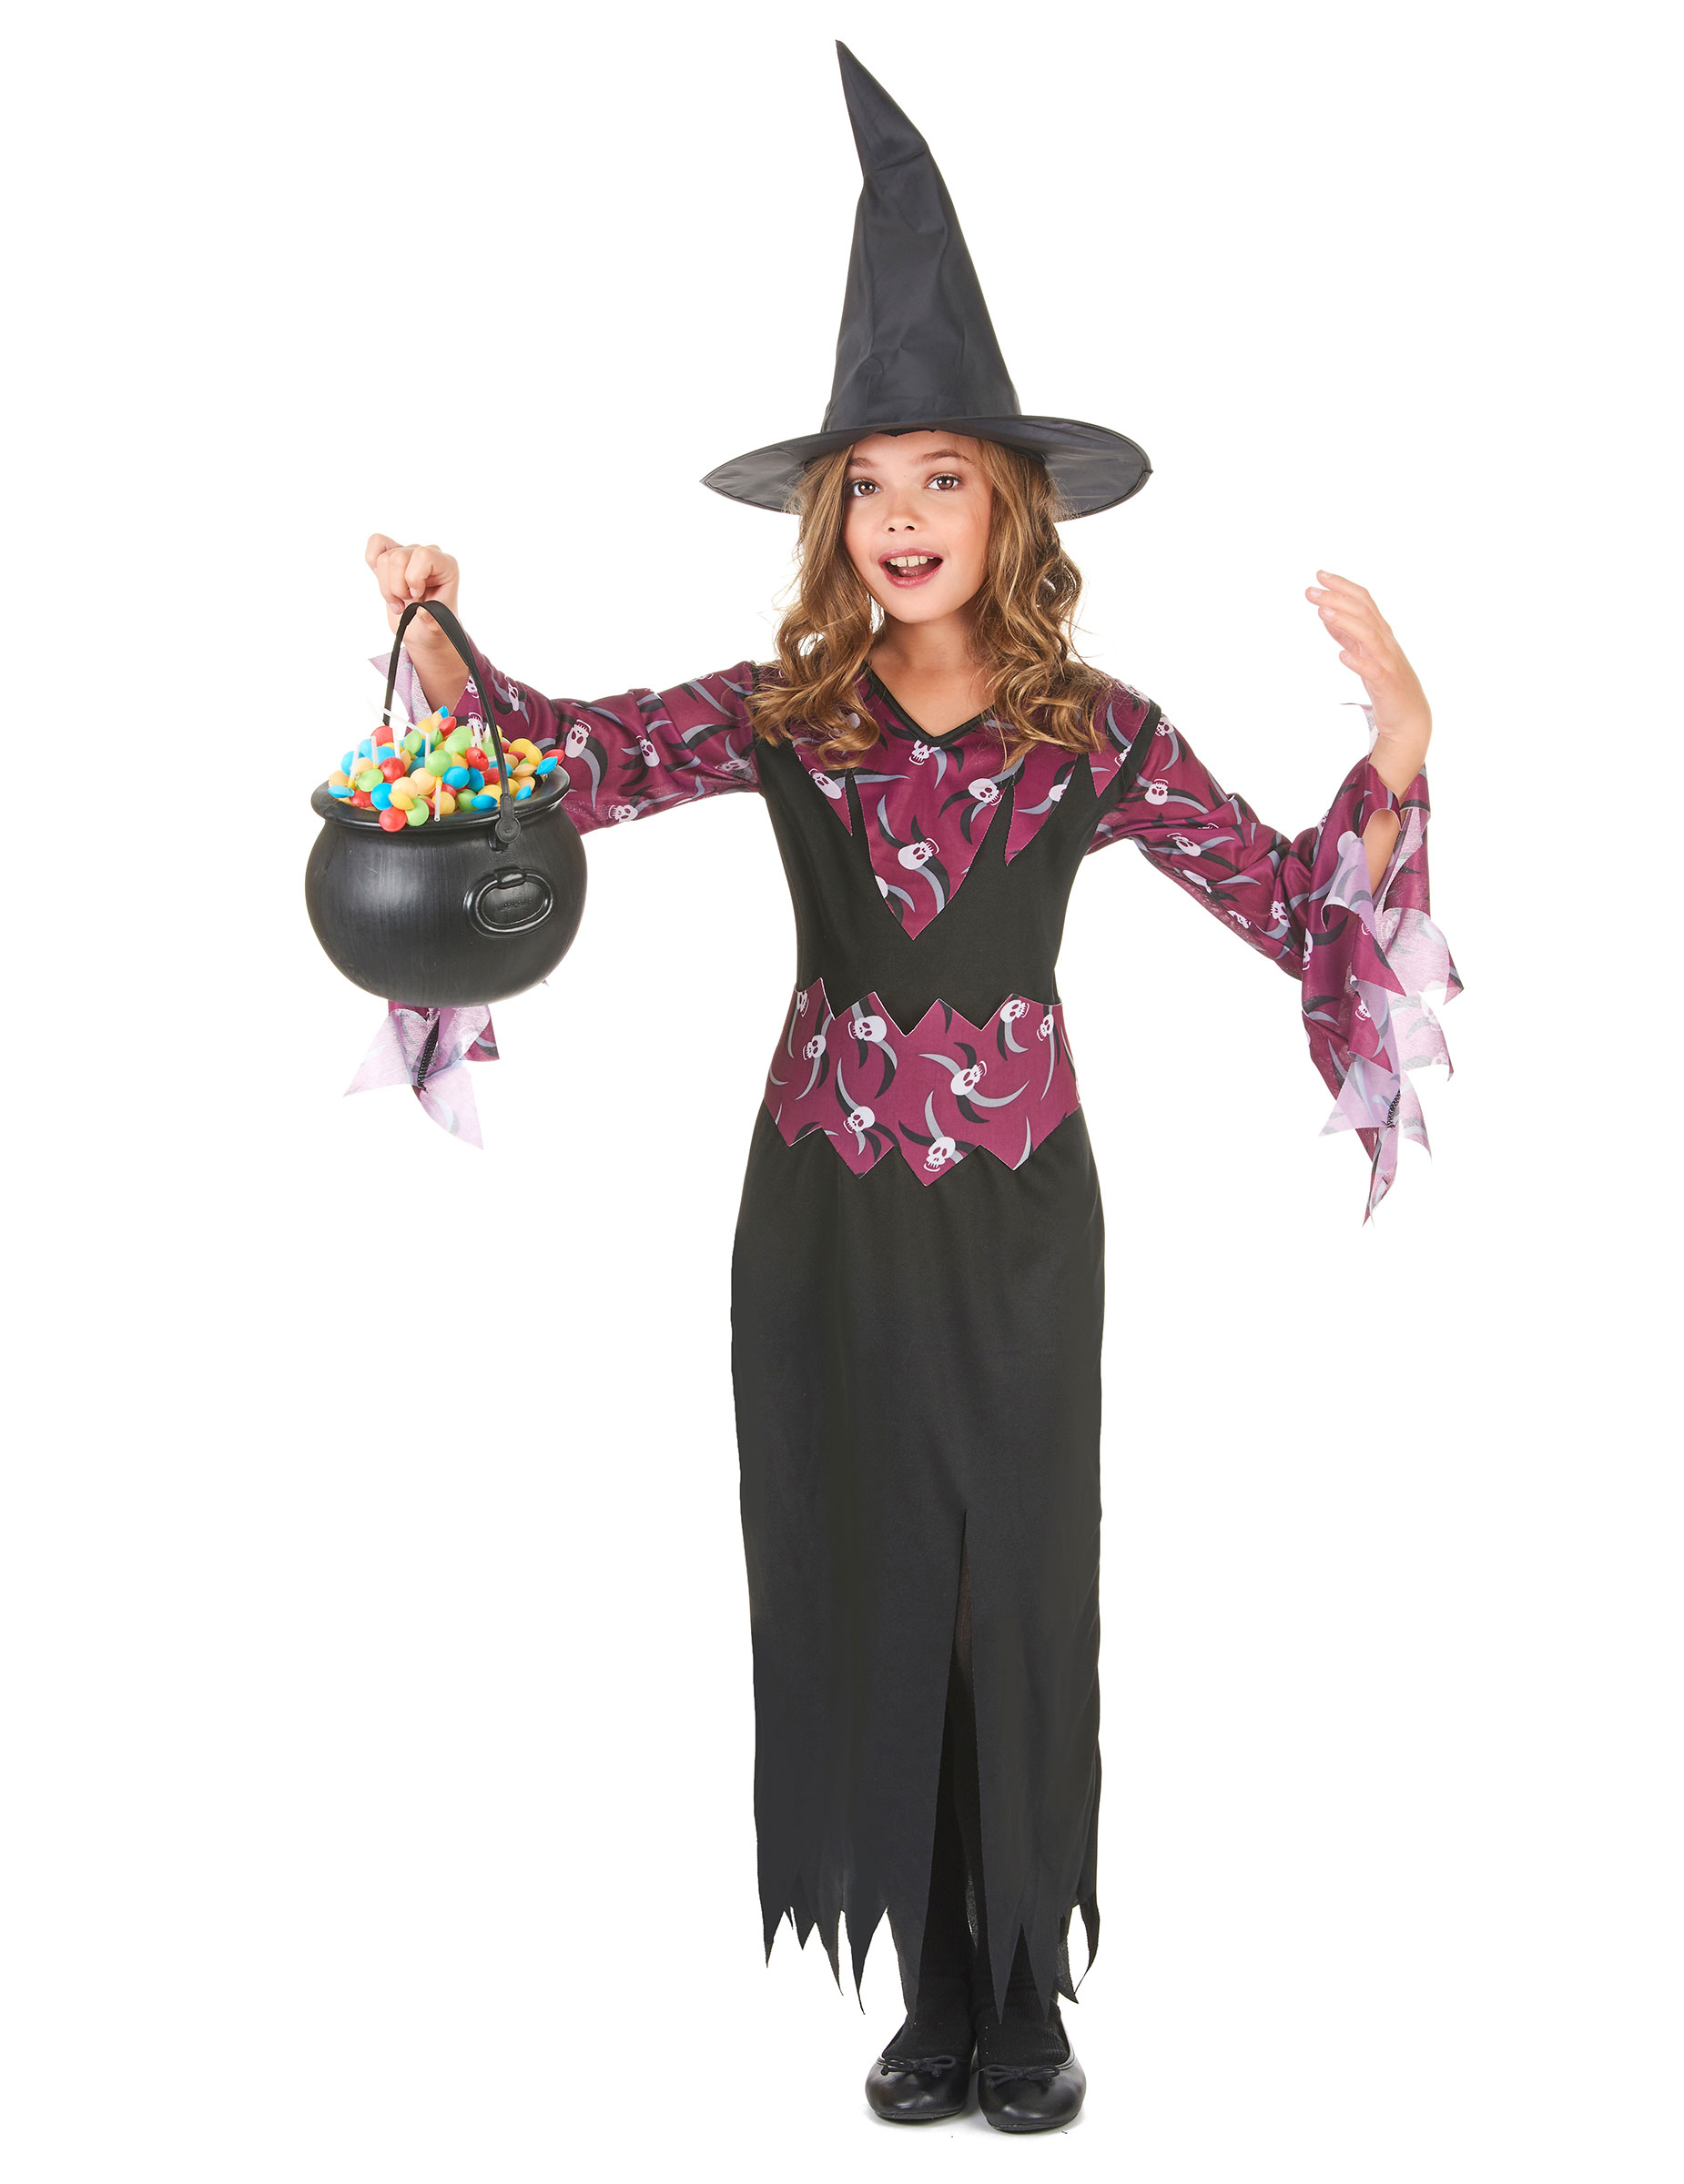 Vestiti Halloween Strega.Costume Di Halloween Da Strega Per Ragazza Su Vegaooparty Negozio Di Articoli Per Feste